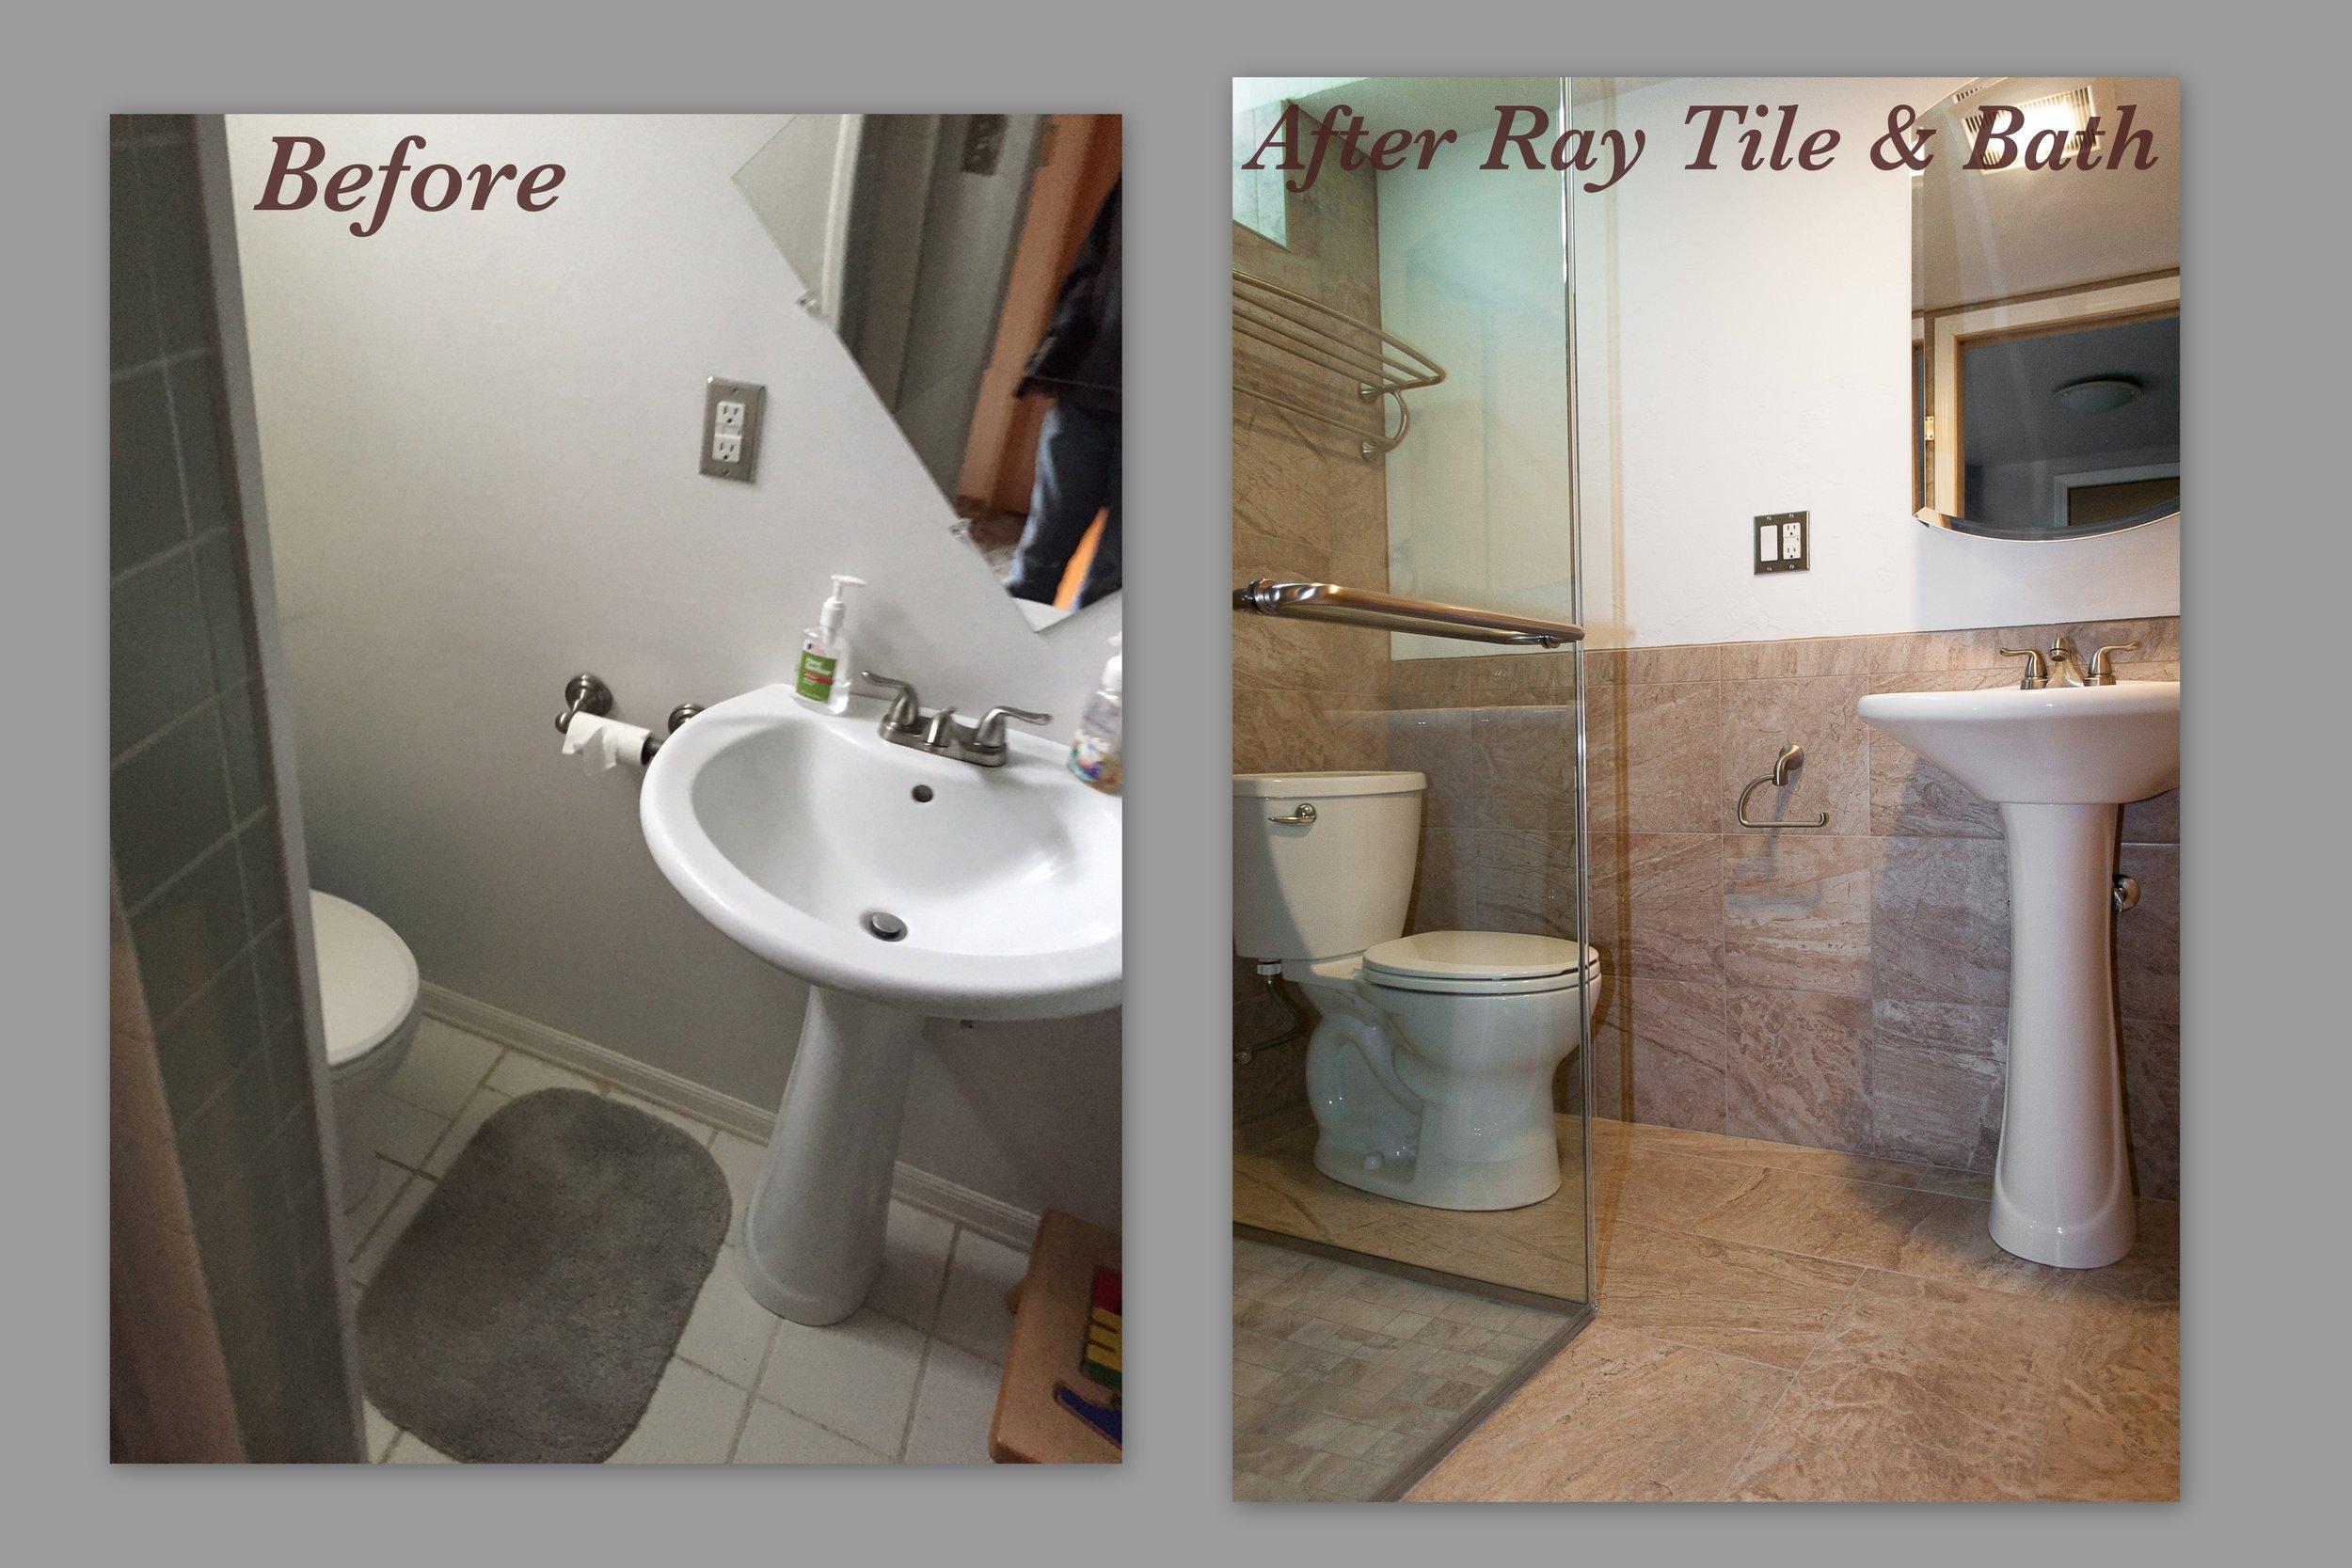 B4 & After sink.jpg